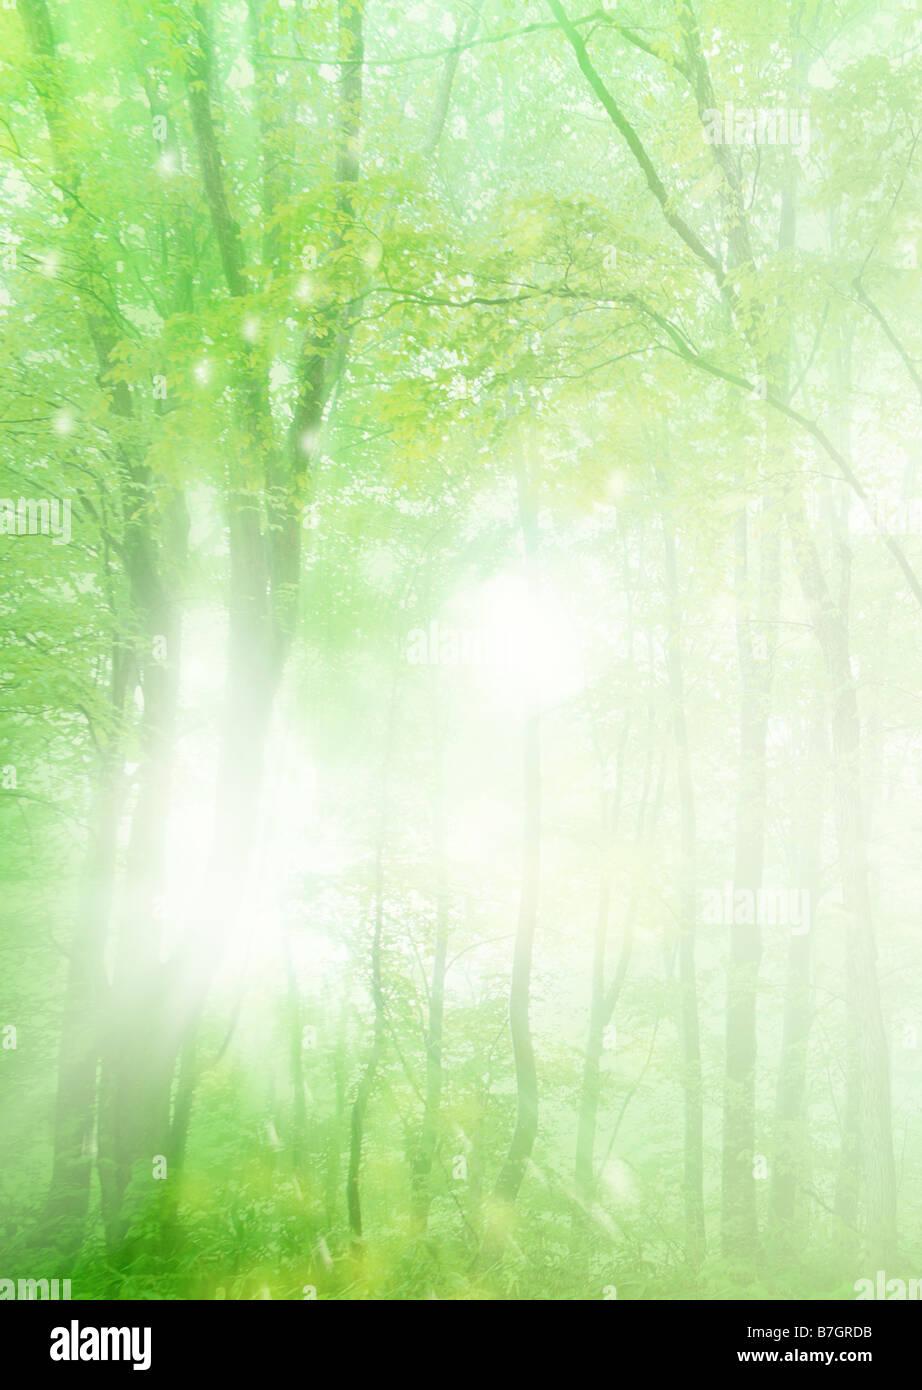 Rayos de sol brillando a través de árboles Imagen De Stock